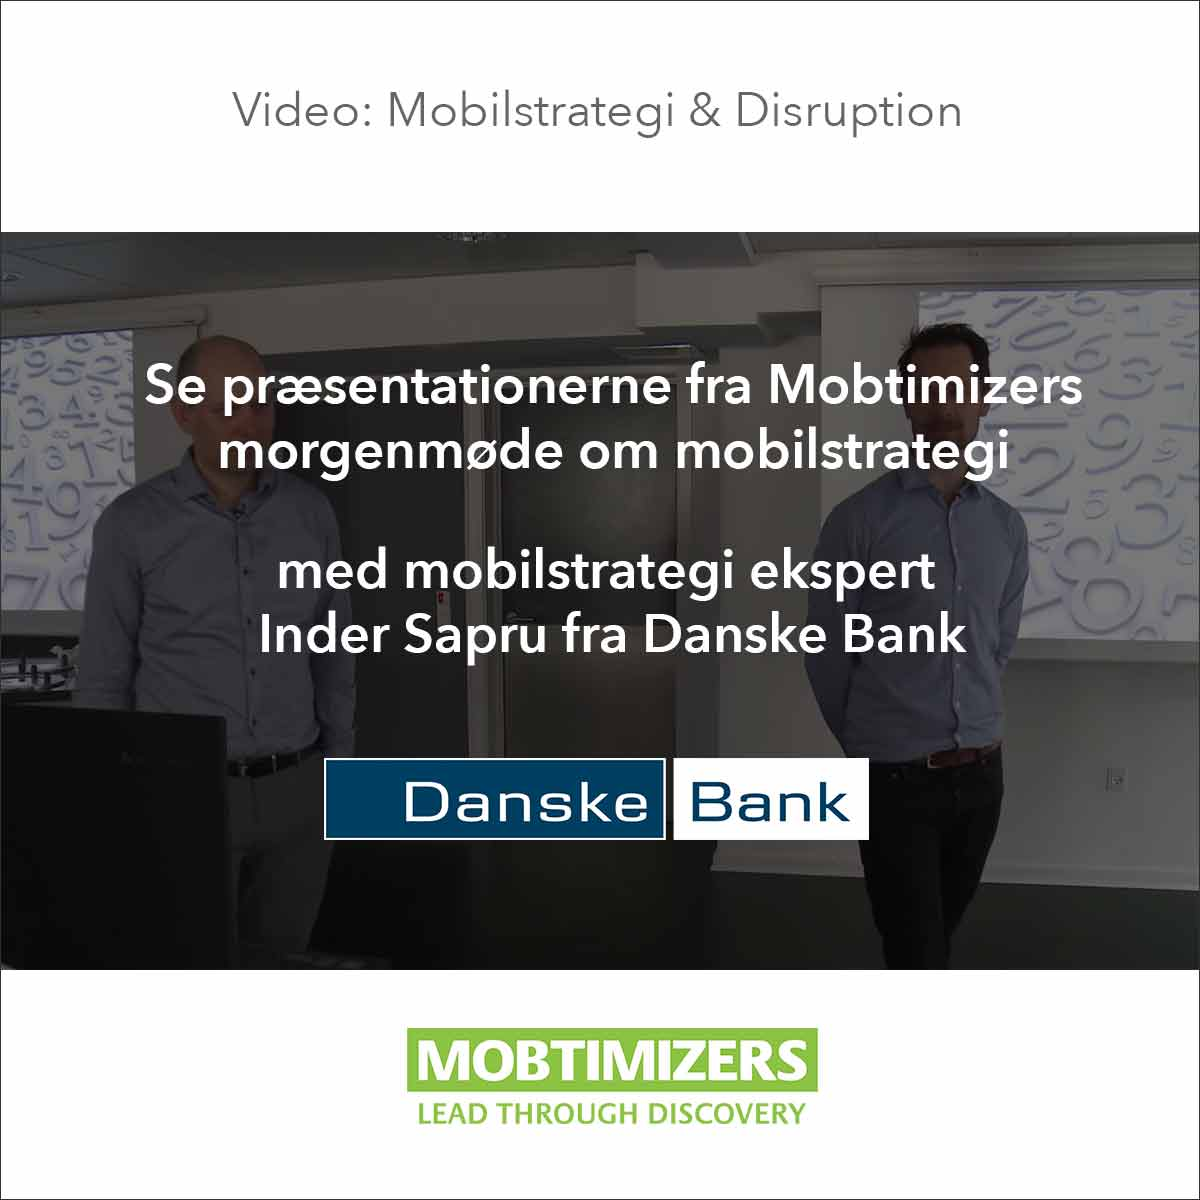 Video præsentation om mobilstrategi og disruption inden for mobile m. gæst Inder Sapru fra Danske Bank